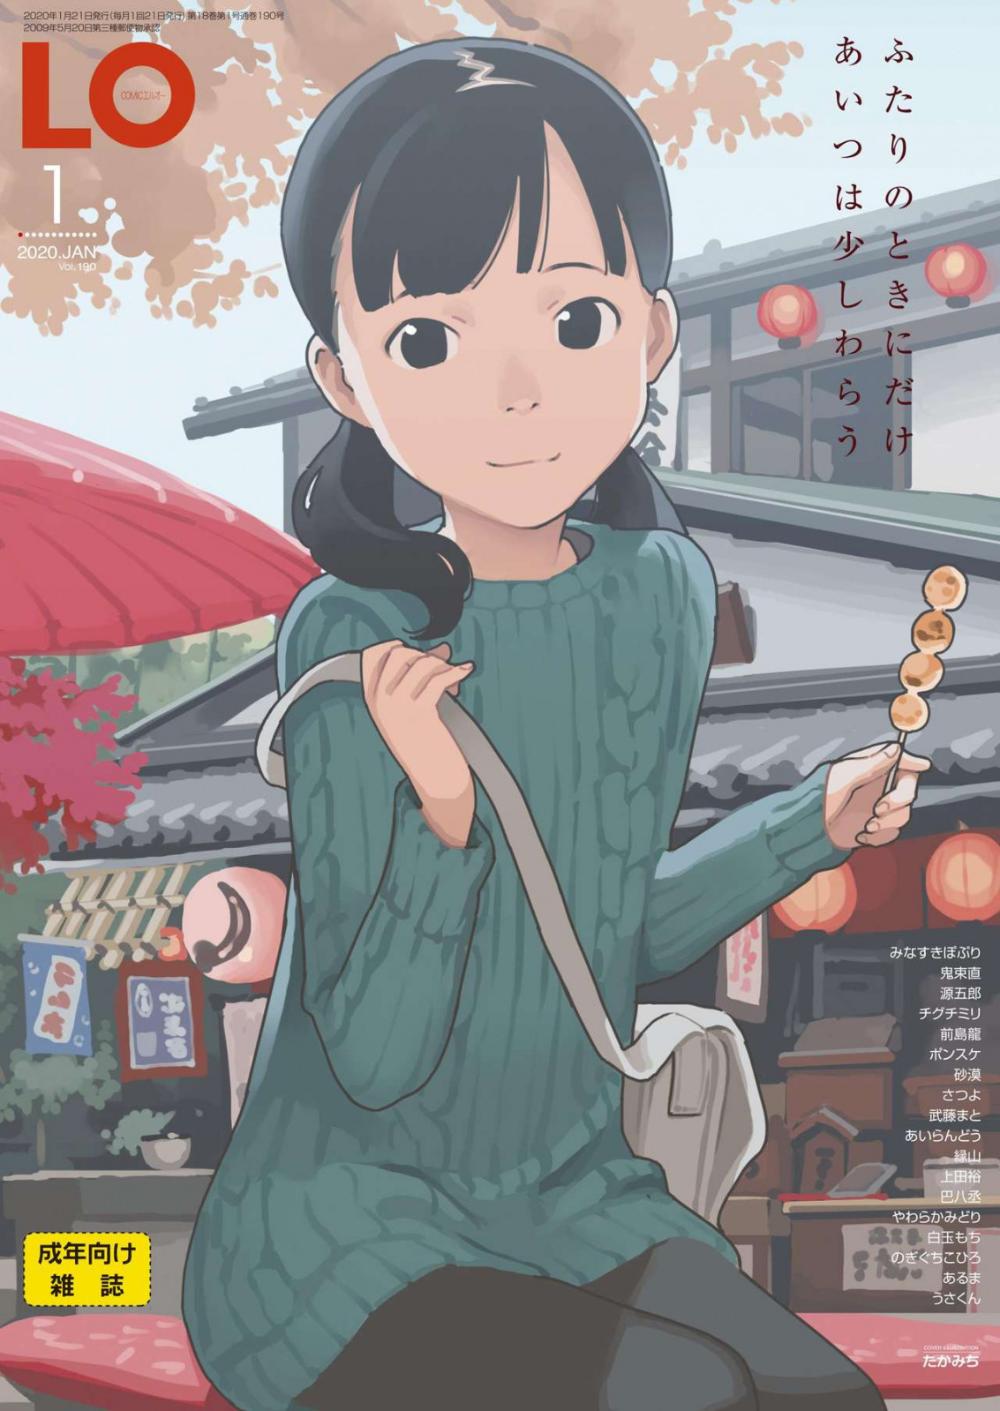 コミックloコピーbot on twitter animation art character design digital art anime concept art characters